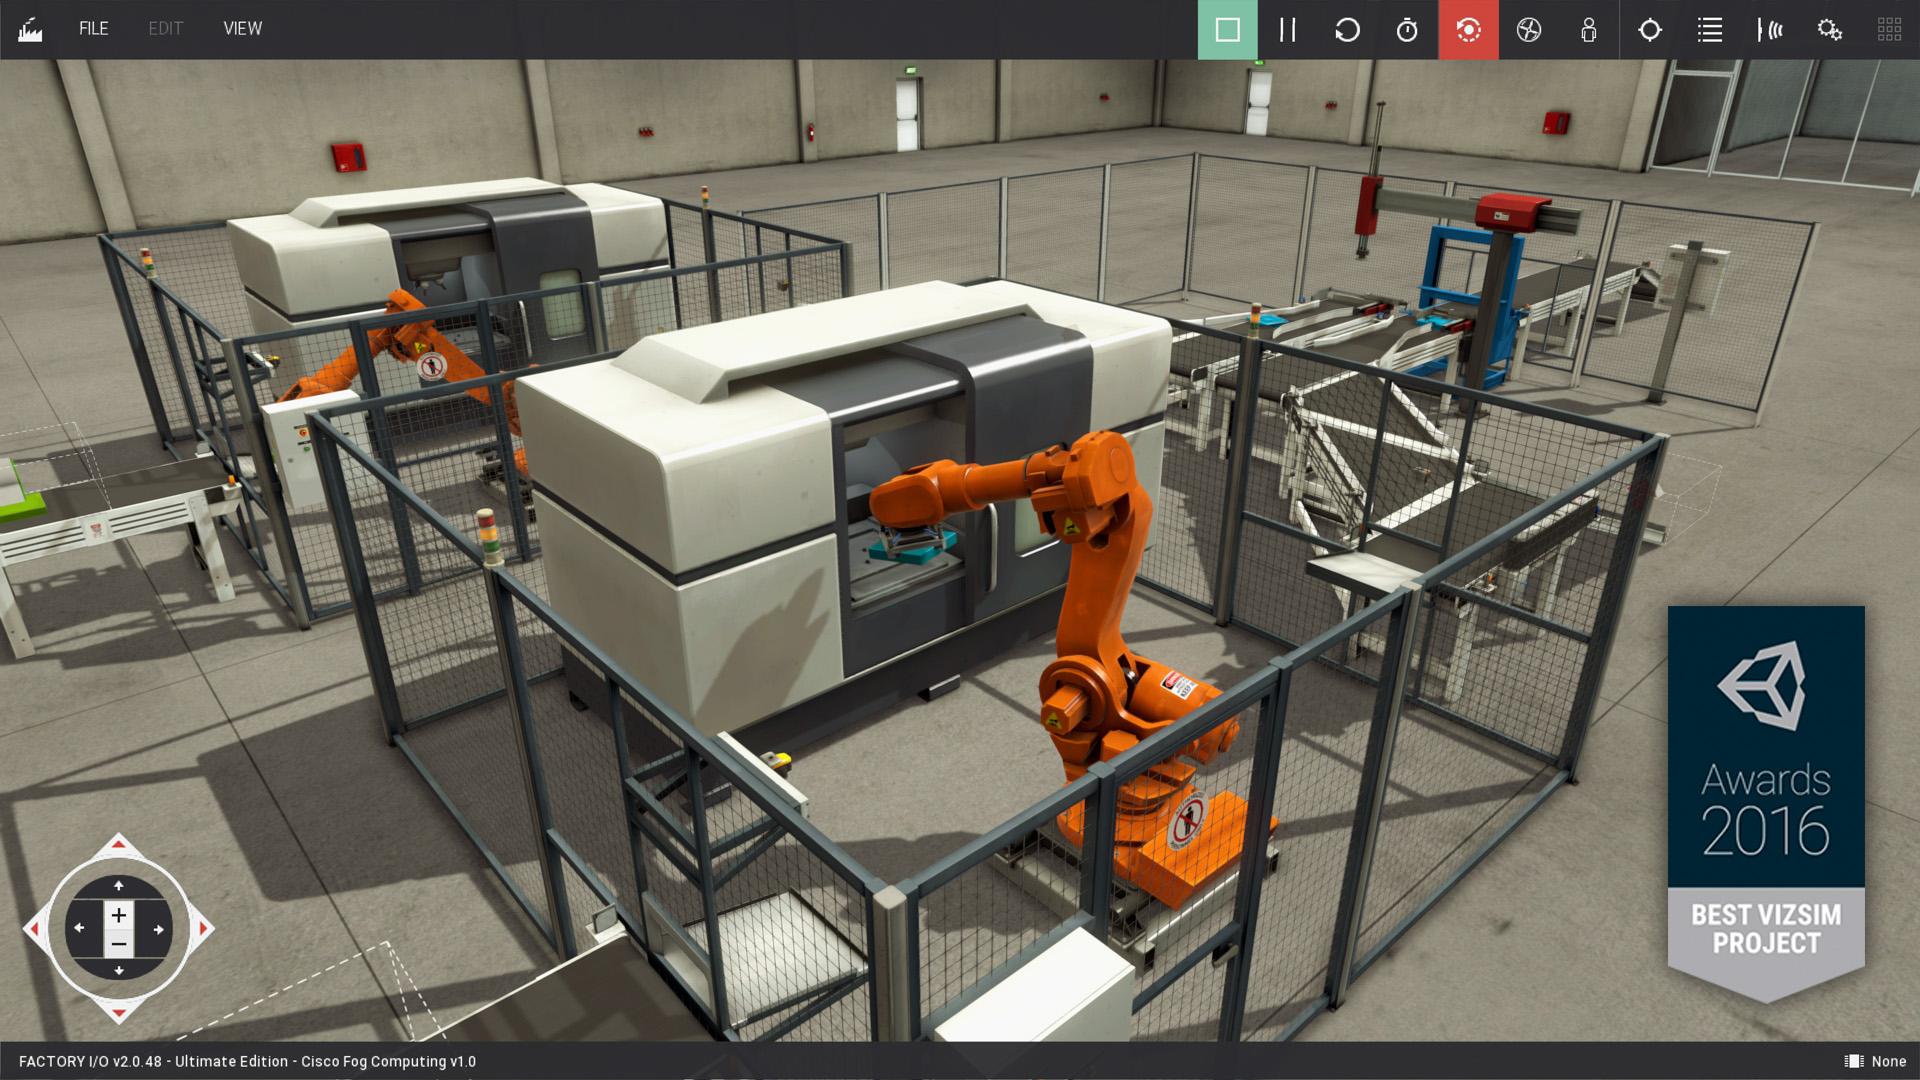 Factory I/O